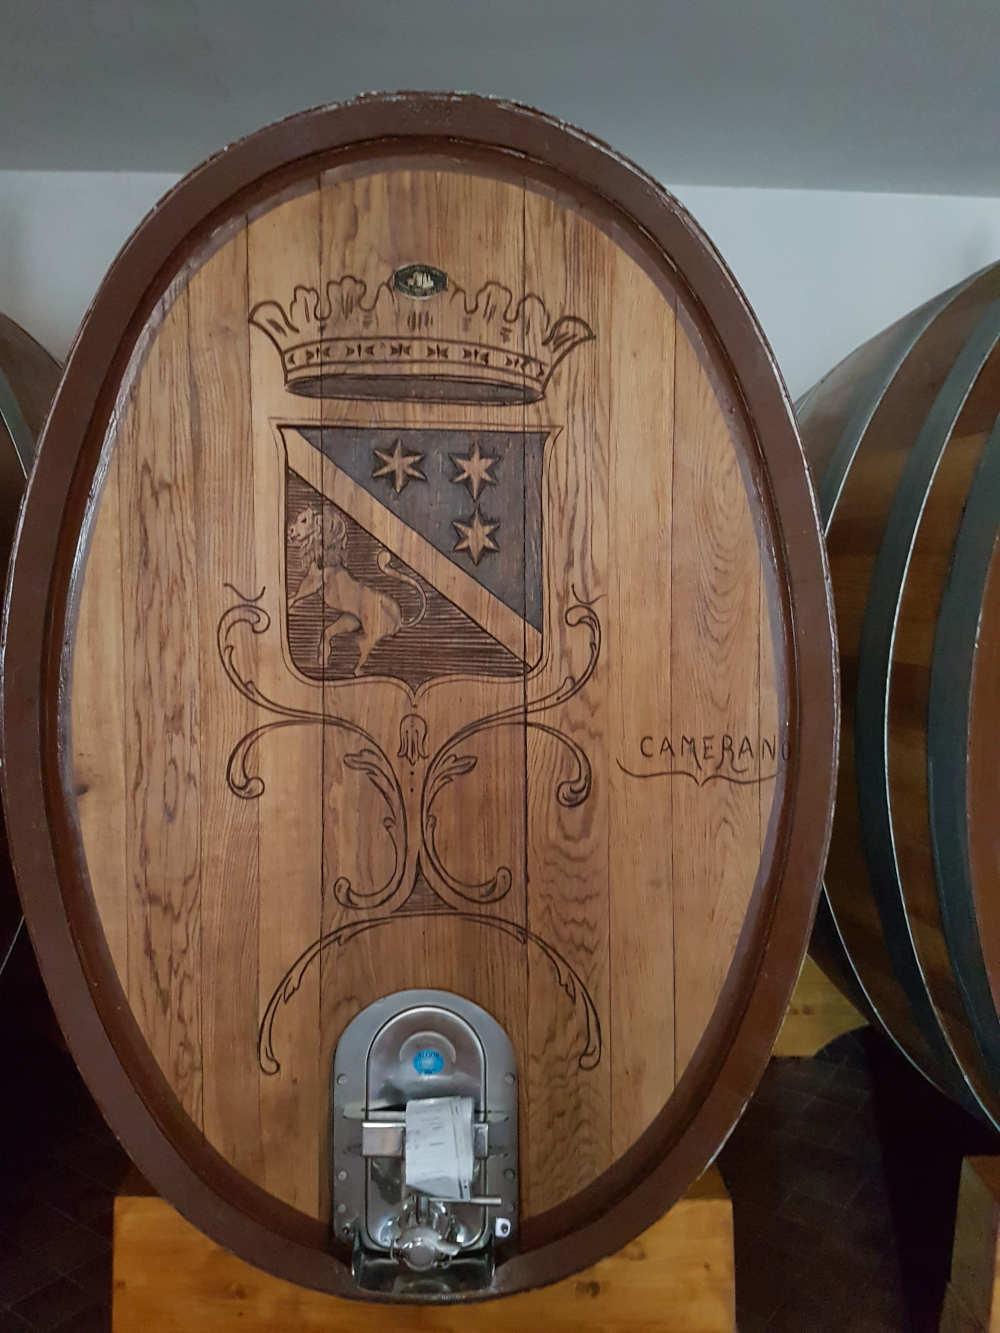 Dal 1875 viticoltori in Barolo